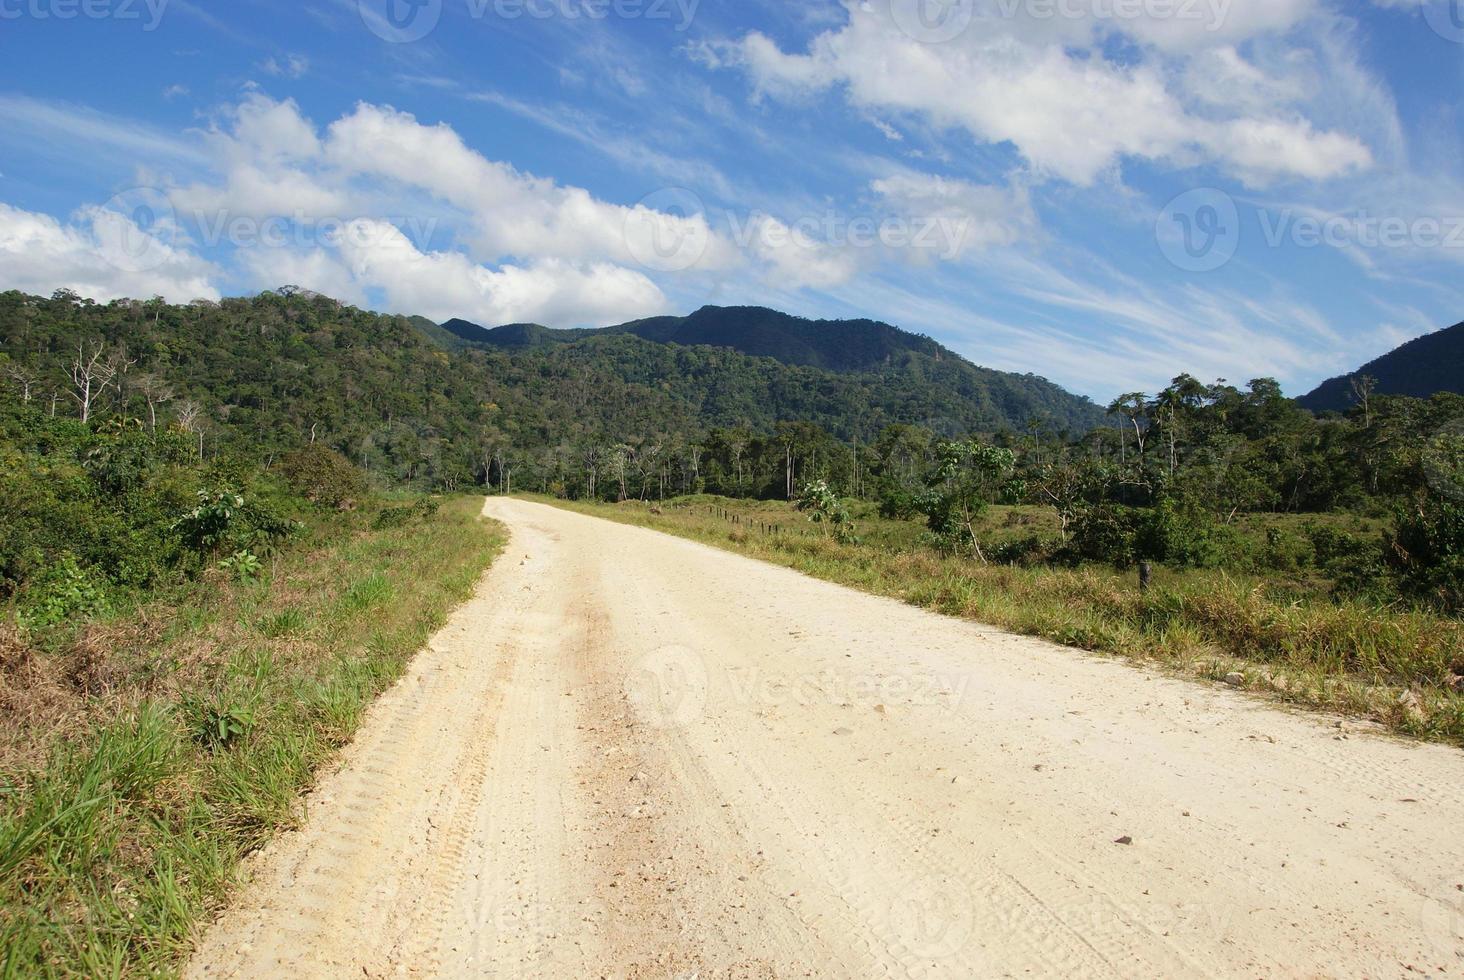 floresta tropical amazônica (selva) na Bolívia foto